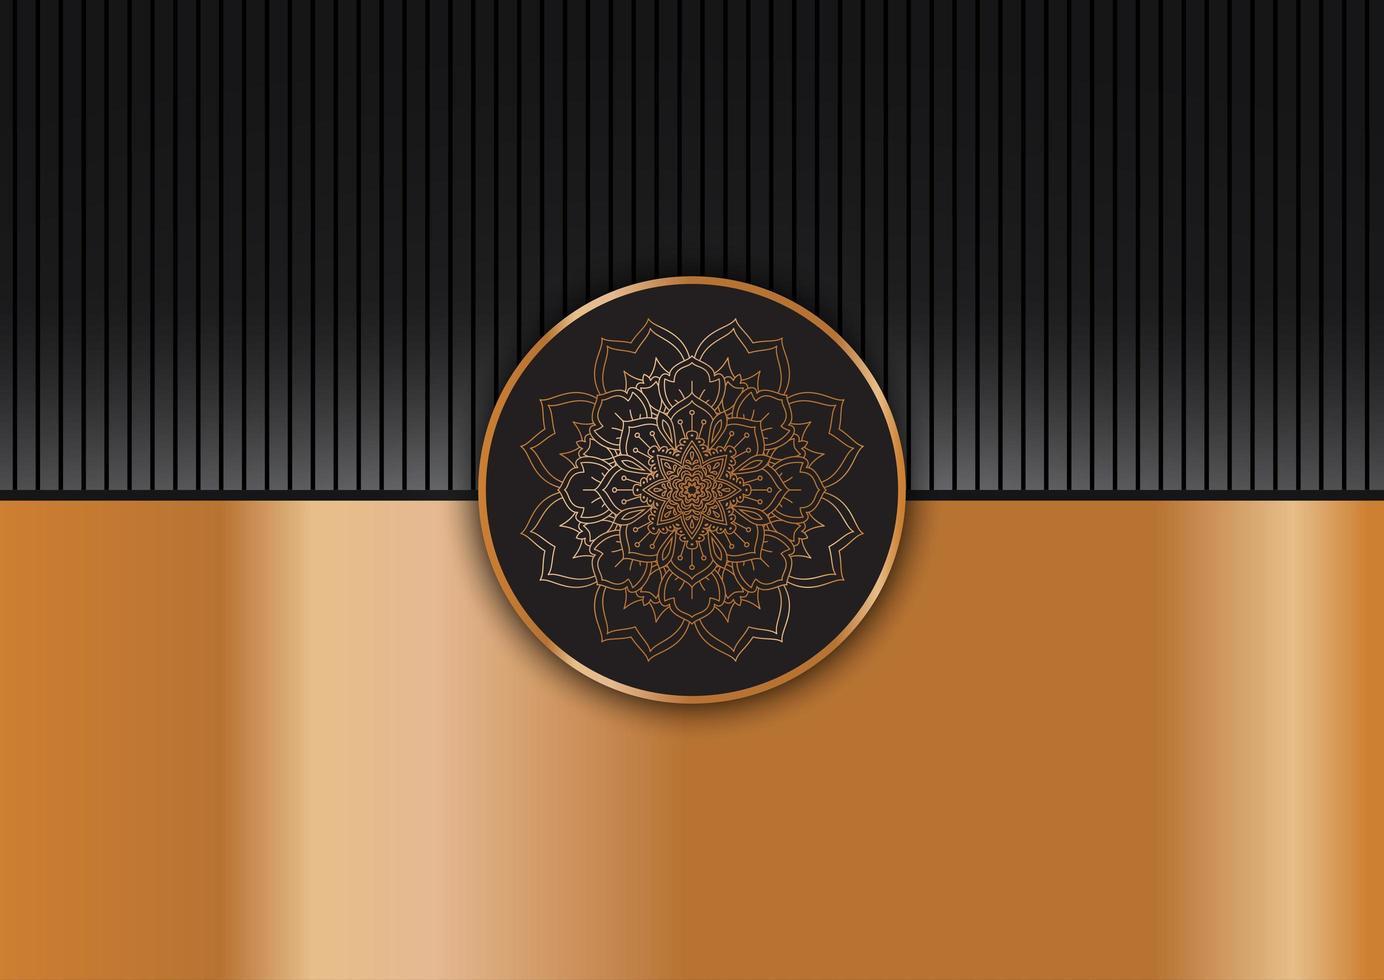 dekoratives elegantes Mandala vektor